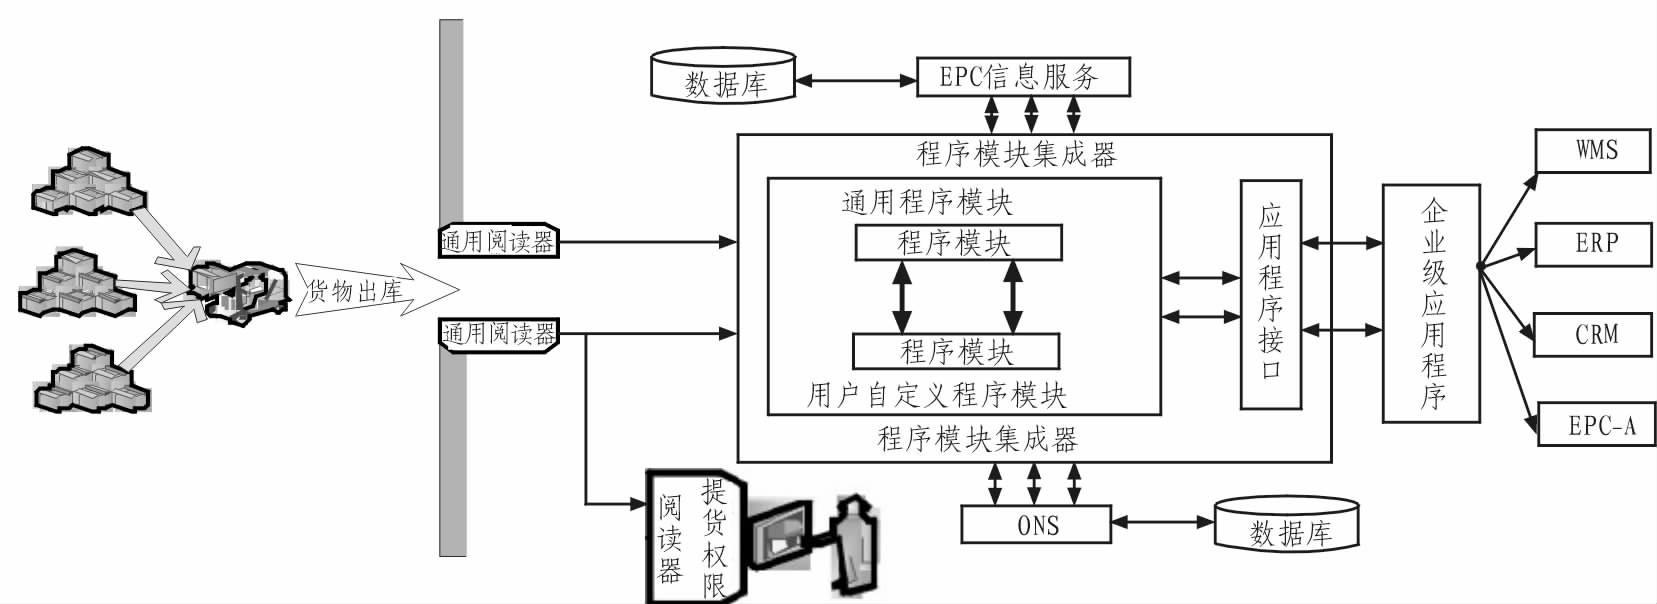 """图2 提货操作流程图   EPC数据采集部分:出库物资的电子标签数据采集与人员权限电子标签数据采集二者操作是""""异步""""的。先采集提货人员权限标签数据,获取后再与采集出库物资电子标签数据进行模式匹配。这样做的原因在于存储仓储物资信息的数据库与人员权限信息的数据库是分开管理的,这样可以有效保证提货人员权限信息不被泄露或窃取,防止仓储物资损失。   应用程序模块部分:鉴于多个读写器同时工作时,其每秒钟读取得到的标签数量非常庞大。通常采用开辟一块缓冲区来暂存电子标签数据。电子标签数据以消息队列的方式存储,其结"""